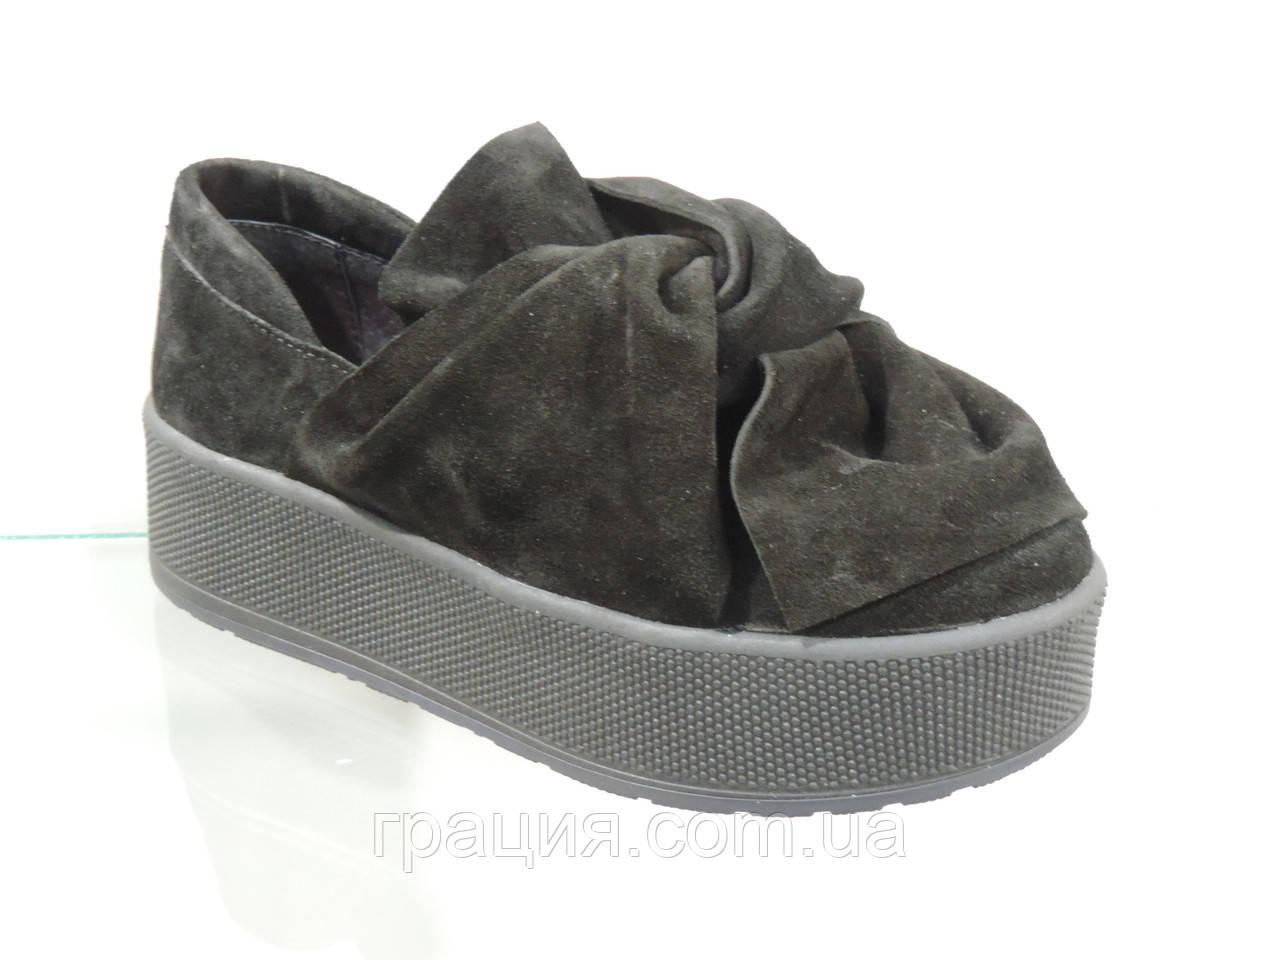 21d130da Модные молодежные туфли натуральная замша на платформе - Грація в Конотопе